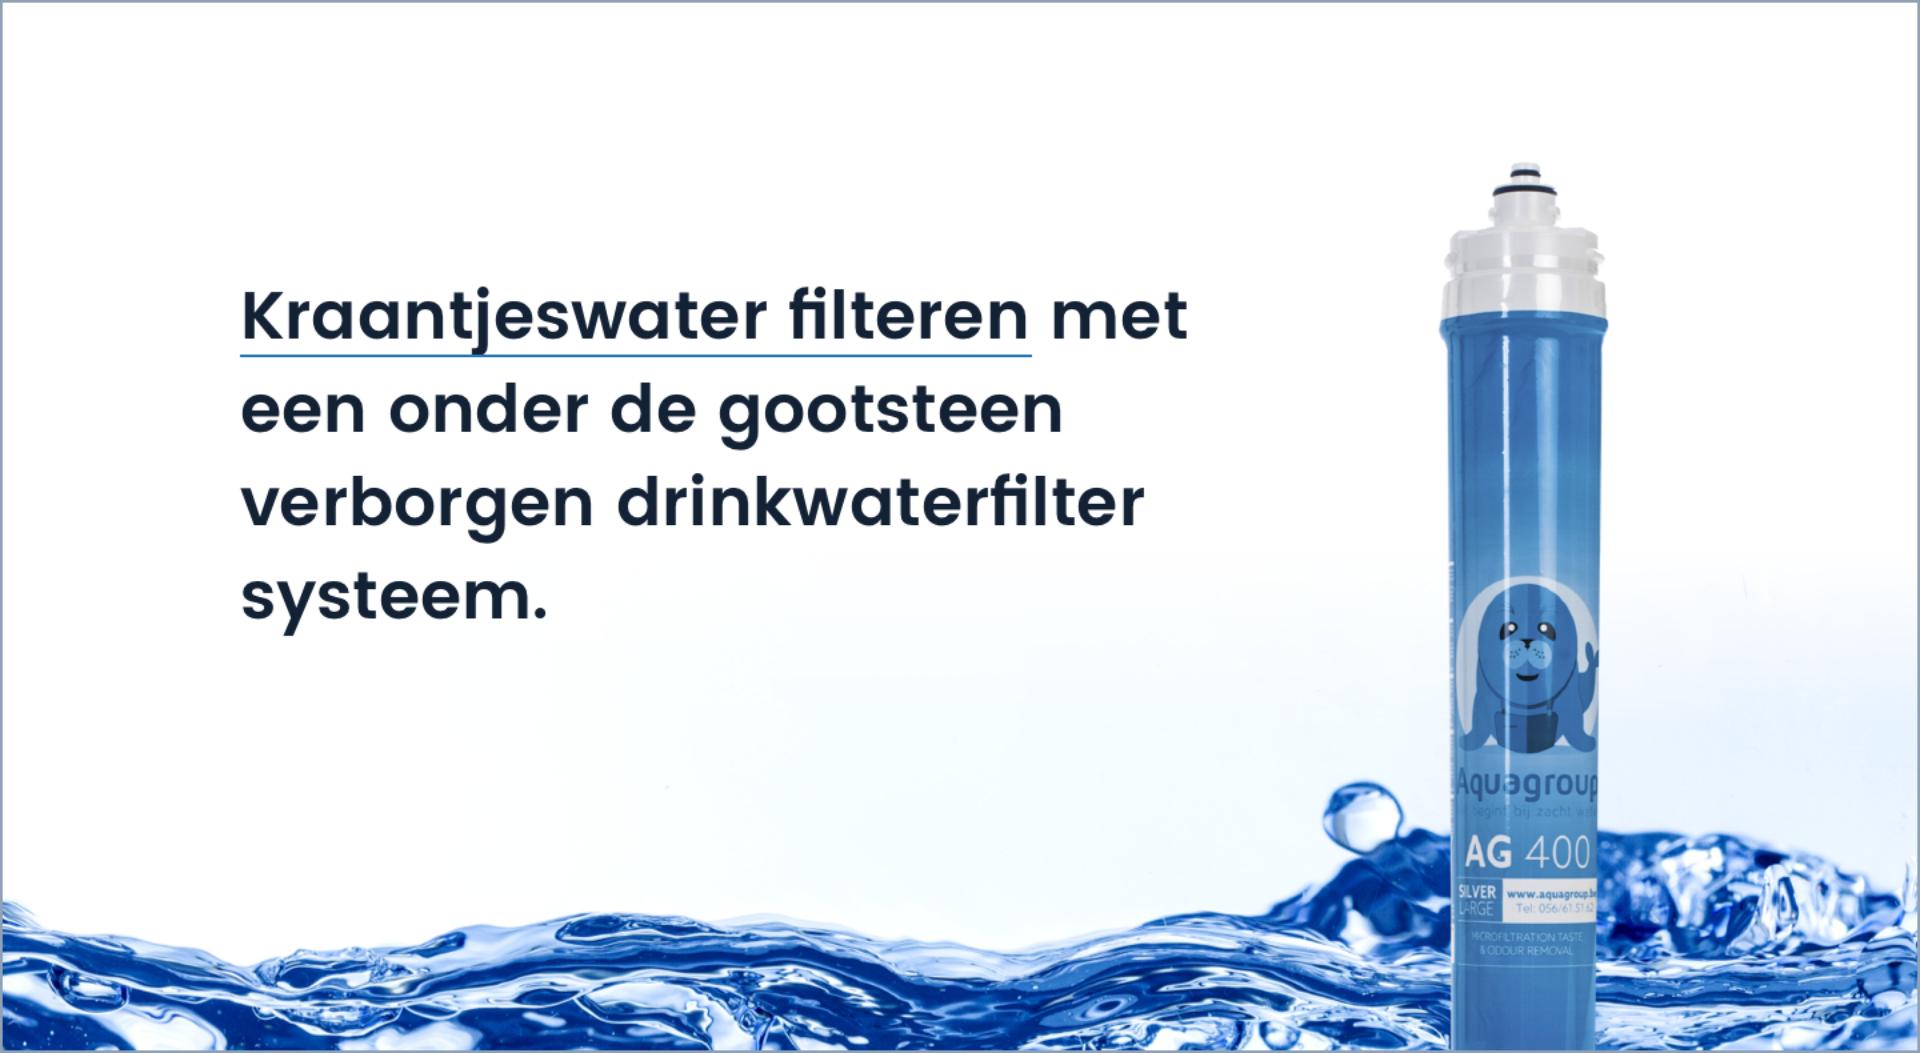 Kraantjeswater filteren met een onder de gootsteen verborgen drinkwaterfilter systeem.